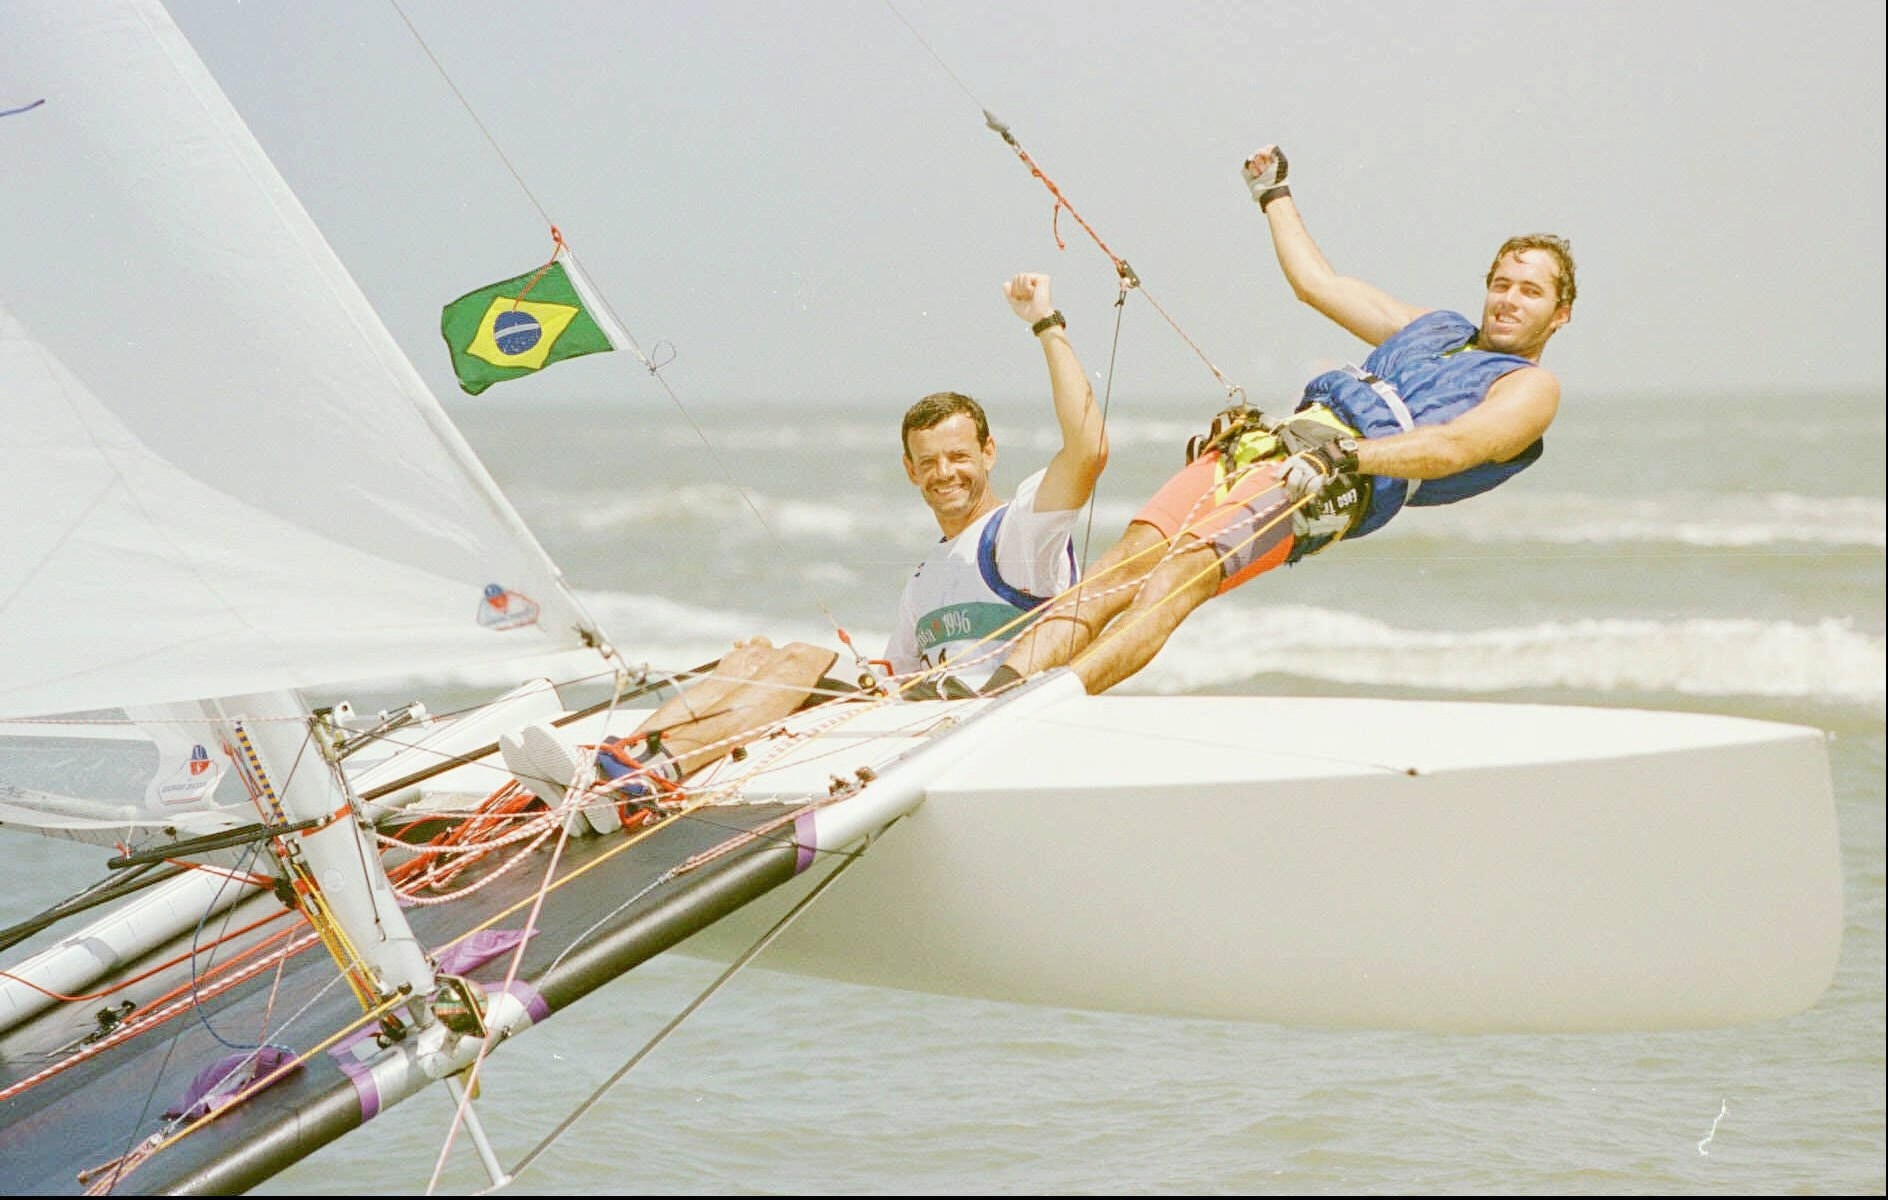 Lars Grael e Kiko Pellicano comemoram a medalha de bronze na classe Tornado na vela dos Jogos Olímpicos de Atlanta-1996